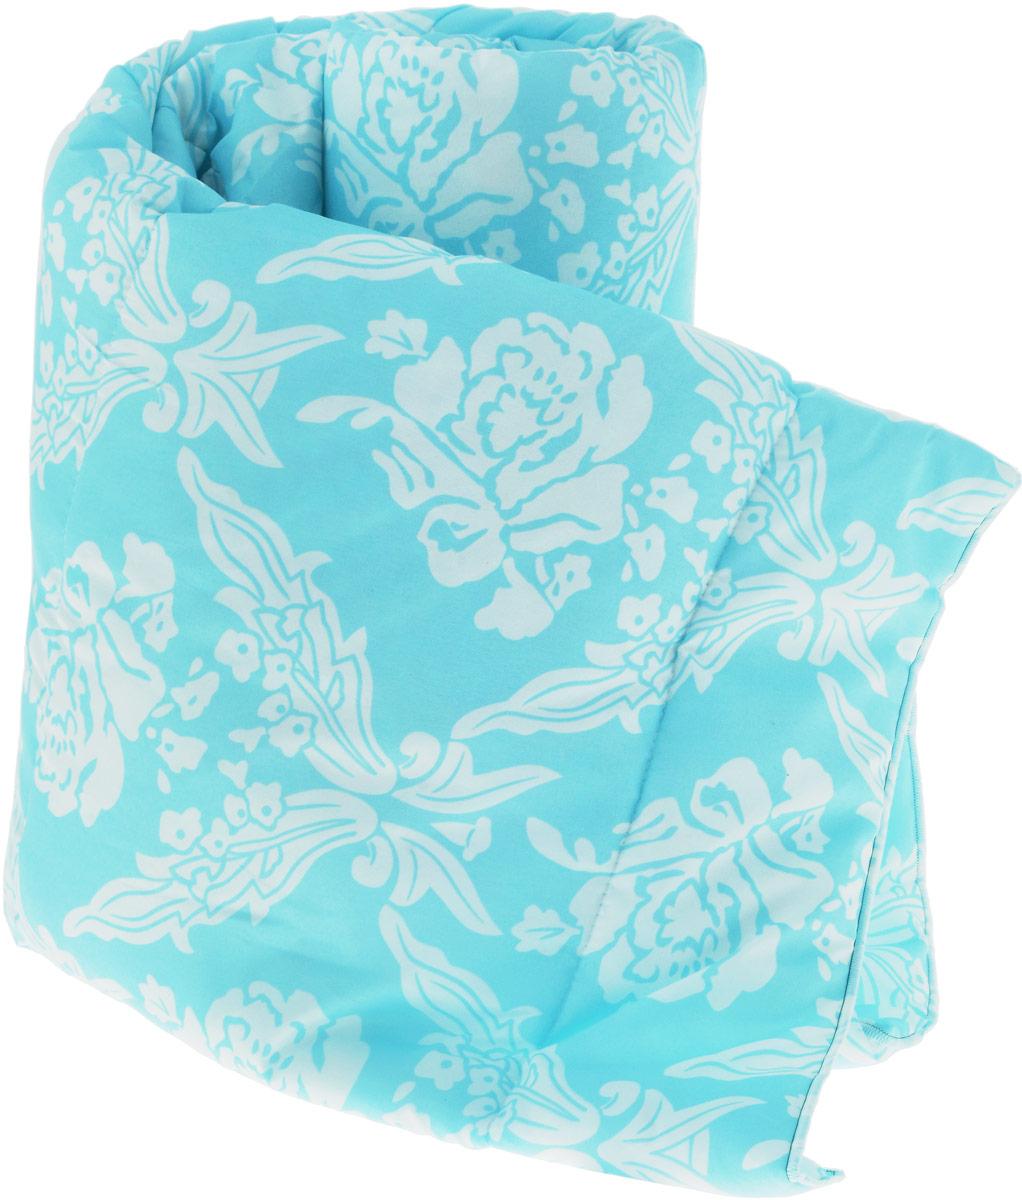 Одеяло Sleeper Дили, наполнитель: силиконизированное волокно, цвет: голубой, белый, 140 х 200 см22(13)323_голубой, белыйОдеяло Sleeper Дили подарит уютный и комфортный сон. Чехол одеялавыполнен из микрофибры, наполнитель - силиконизированное волокно.Изделие с синтетическим наполнителем:- не вызывает аллергических реакций;- воздухопроницаемо;- не впитывает запахи;- имеет удобную форму.Рекомендации по уходу:- Стирка при температуре не более 40°С.- Запрещается отбеливать, гладить. Материал чехла: микрофибра (100% полиэстер). Наполнитель: силиконизированное волокно. Масса наполнителя: 0,40 кг.